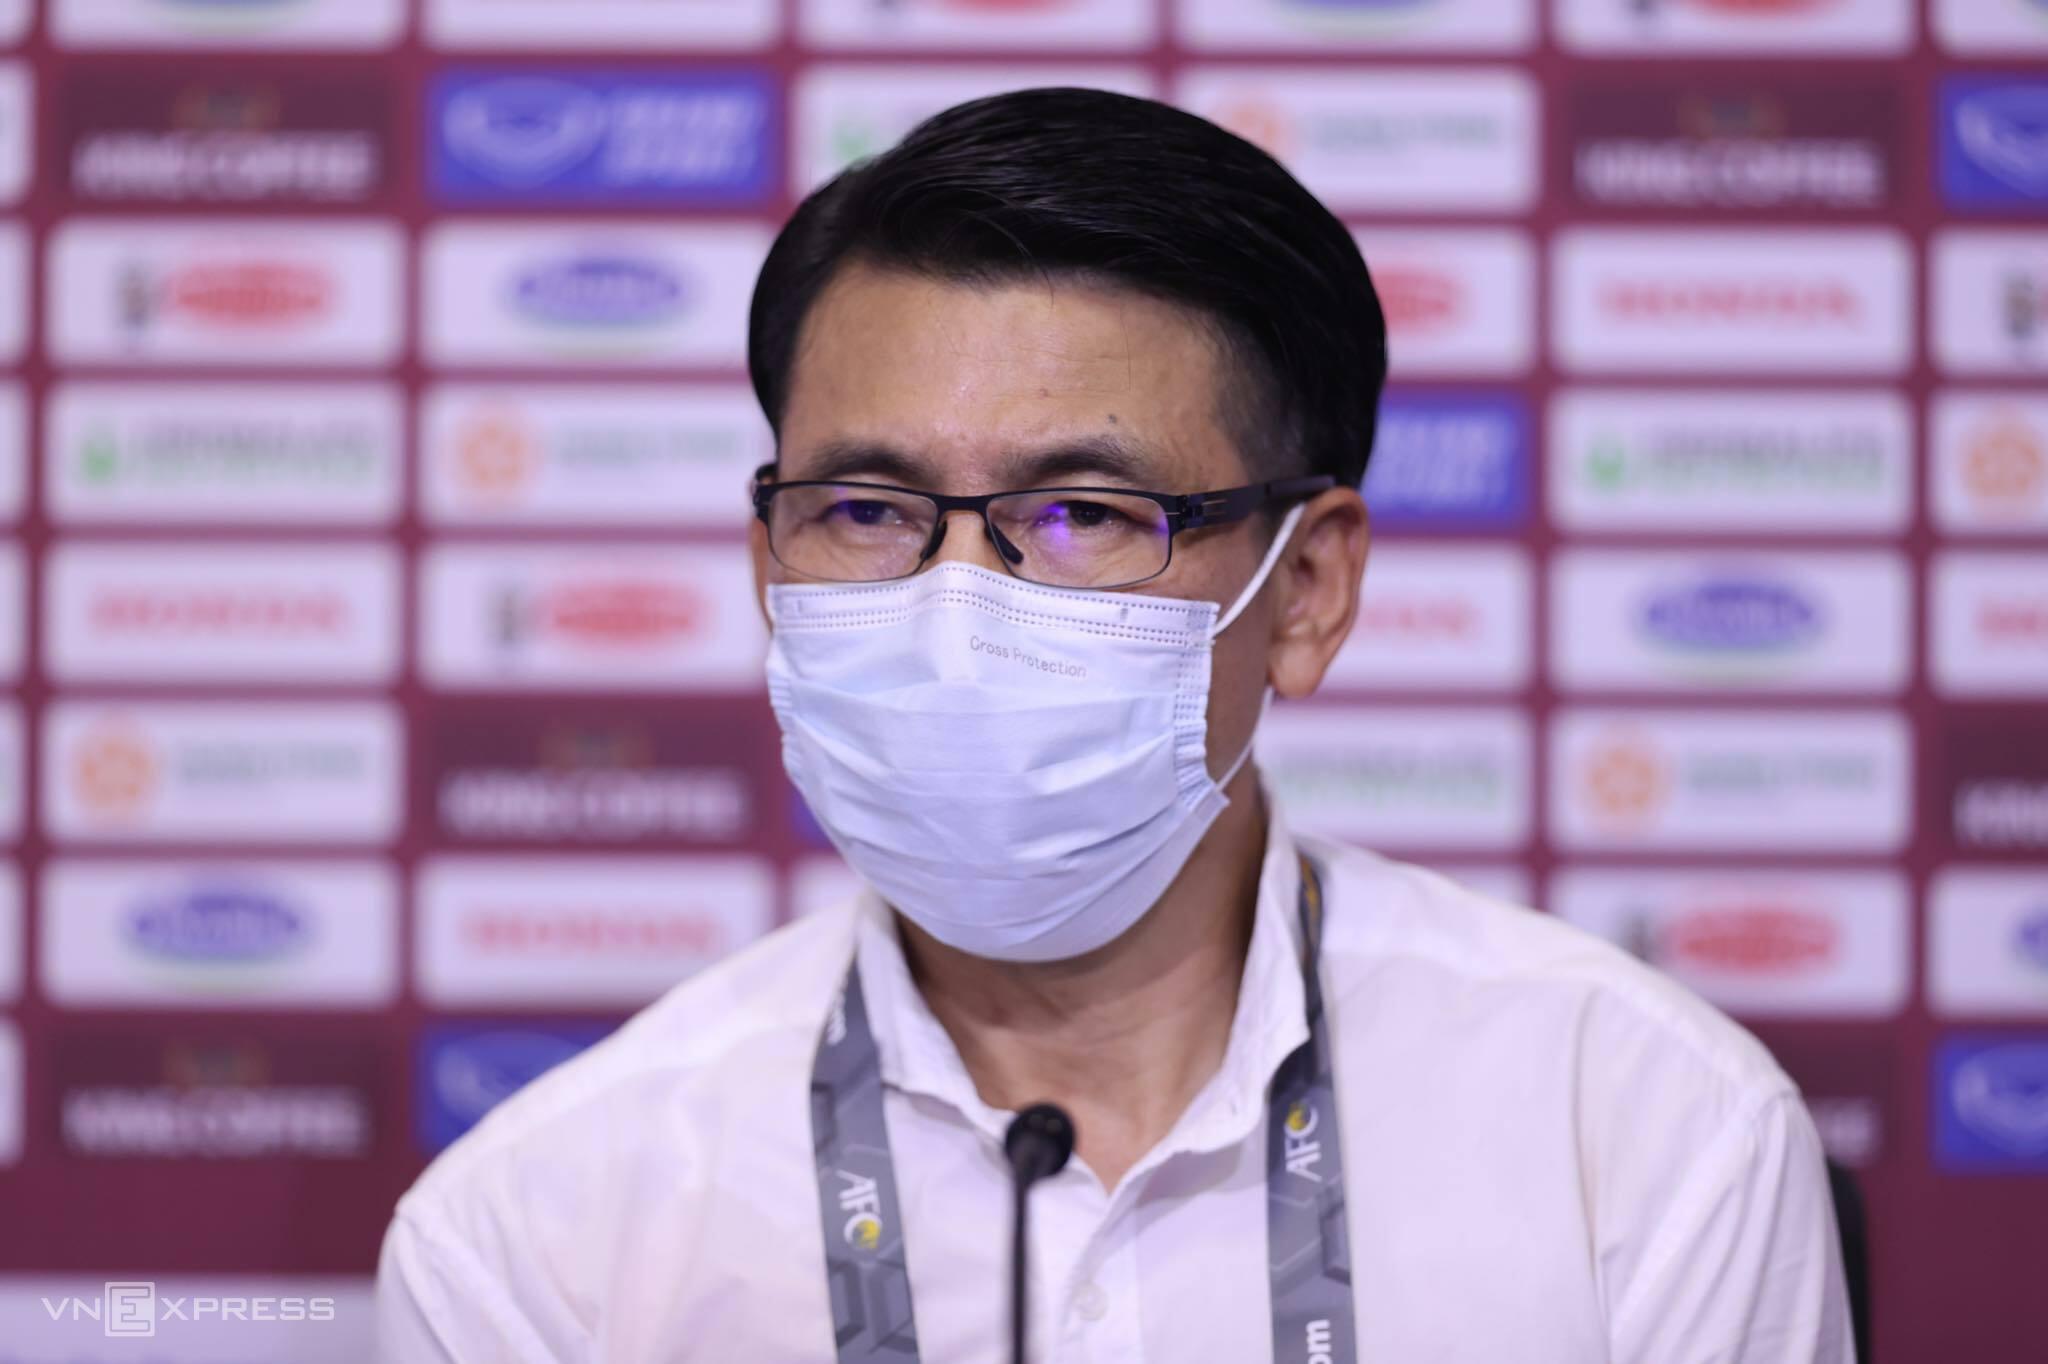 HLV Tan Cheng Hoe không giấu nét buồn khi họp báo sau trân thua tuyển Việt Nam 1-2 trên sân Al Marktoum, Dubai hôm 11/6. Ảnh:Lâm Thoả